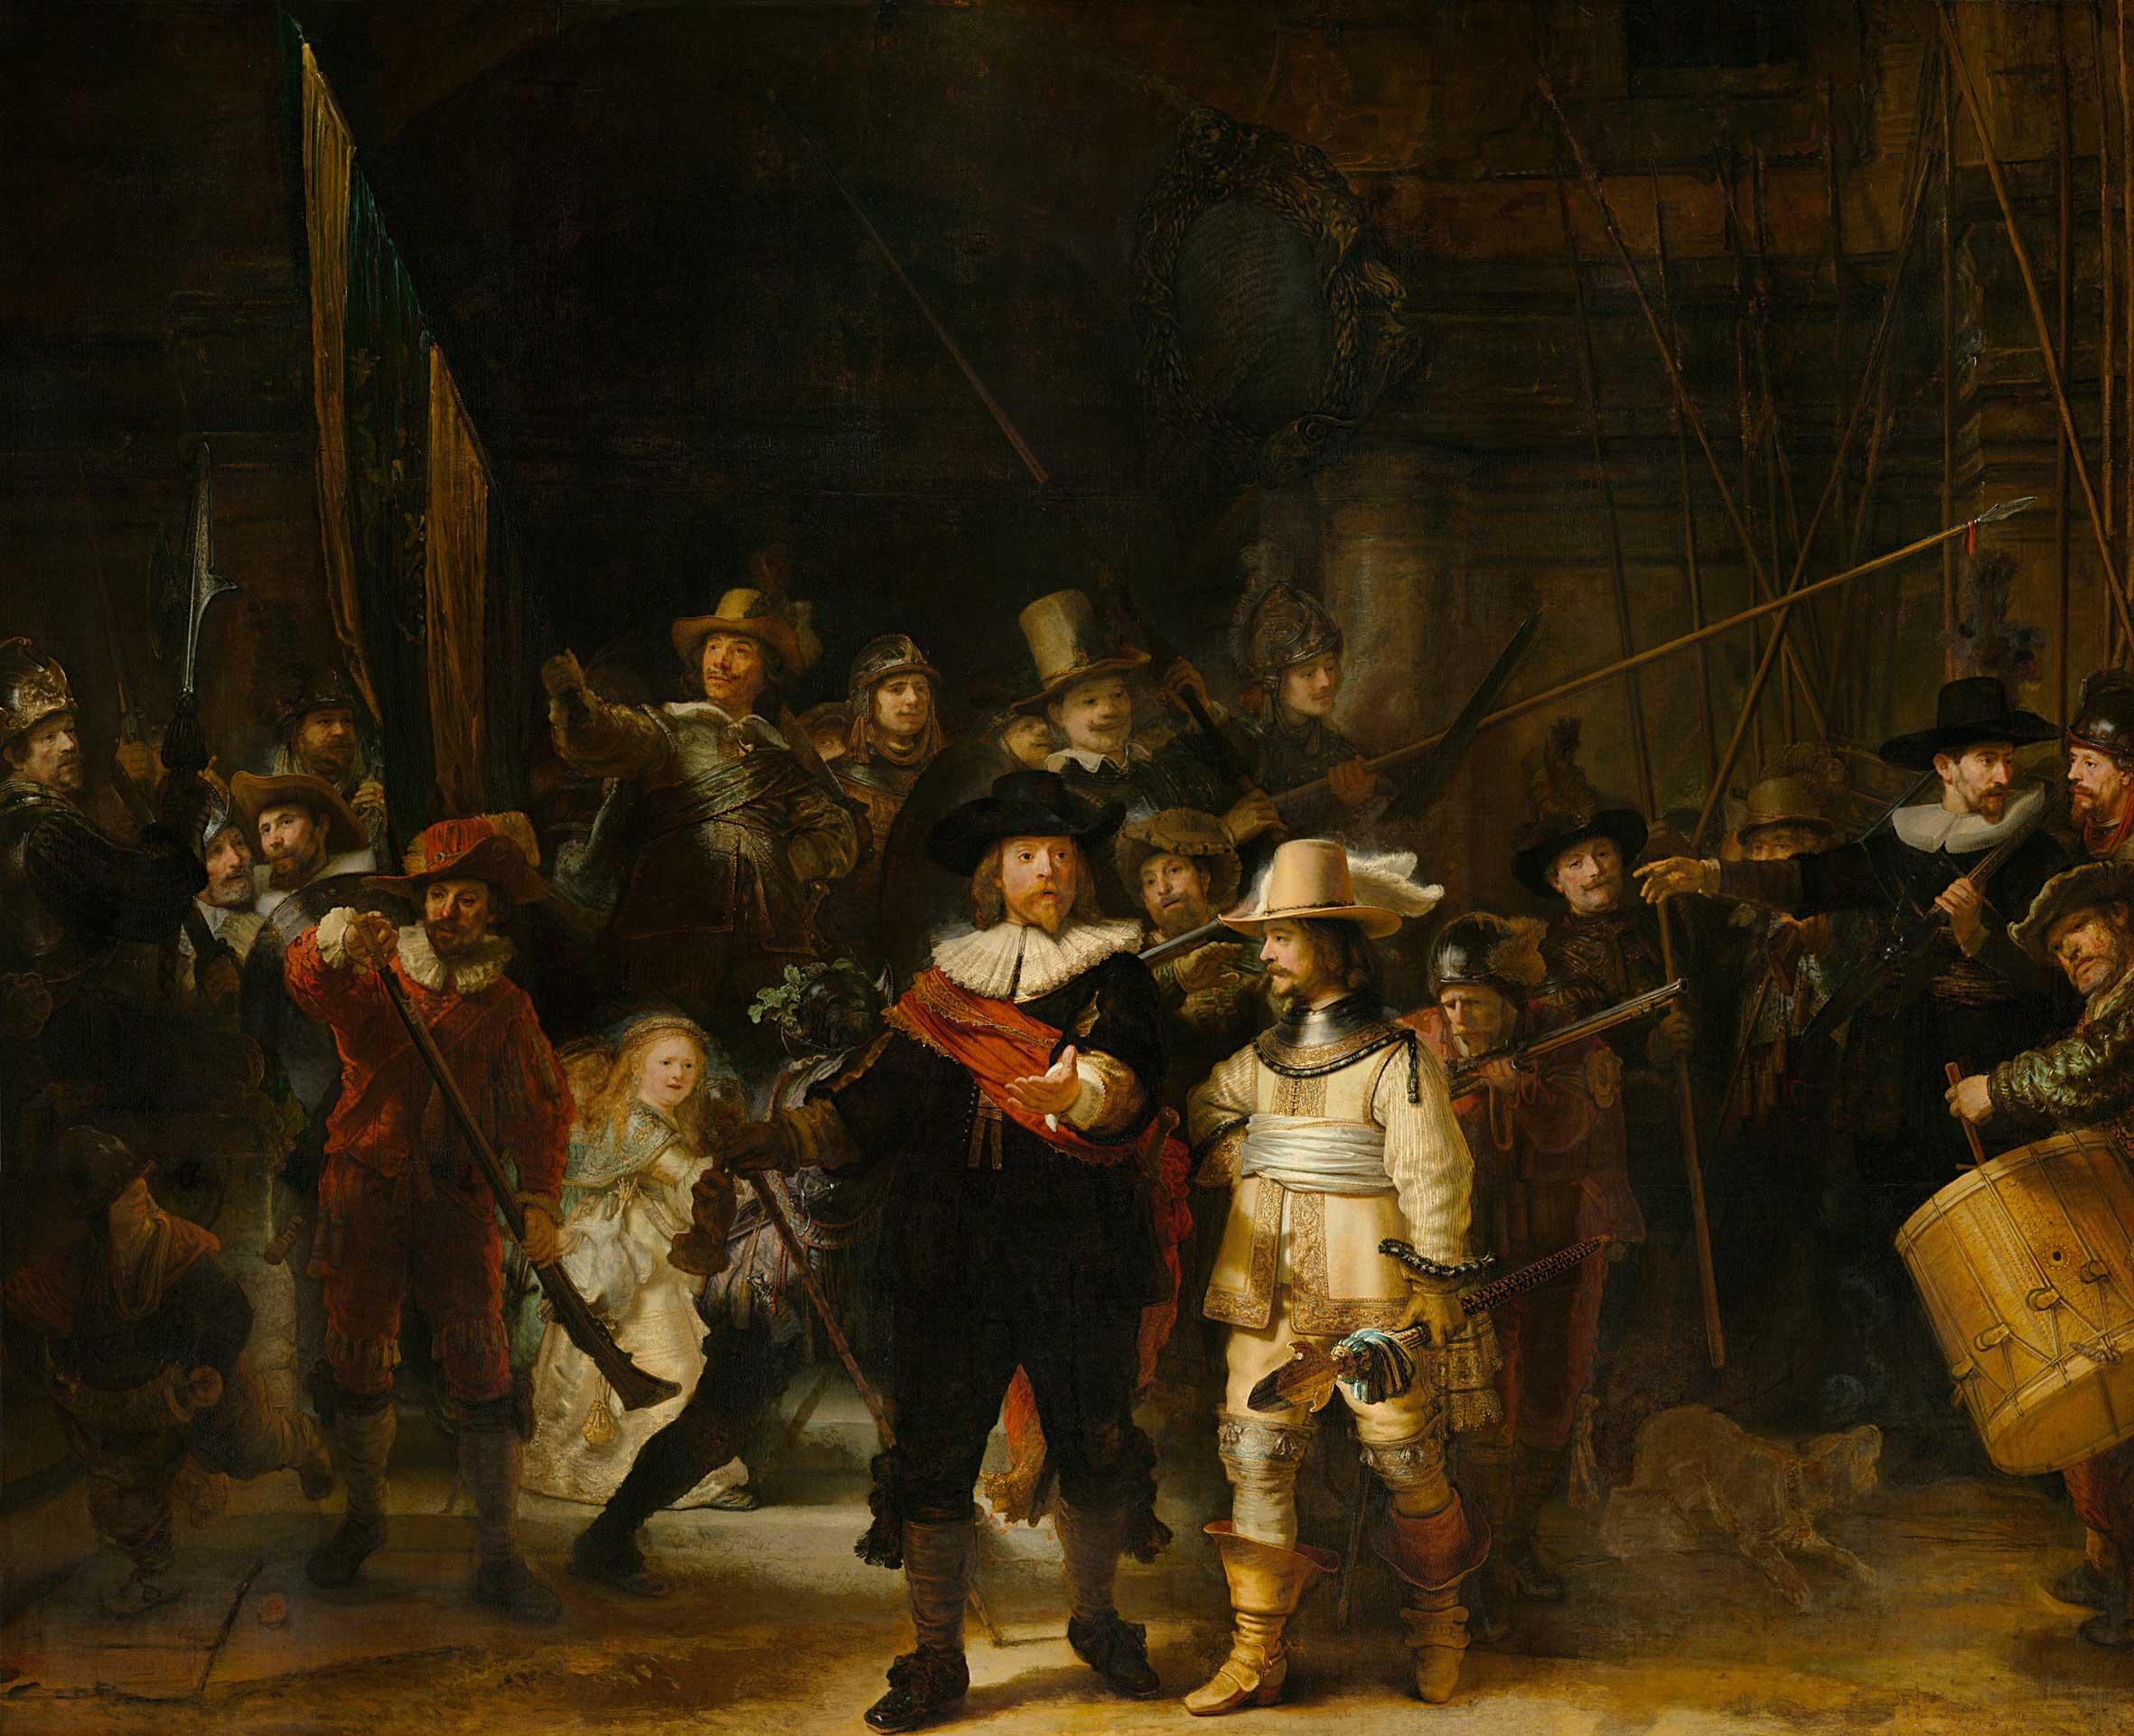 «Ночной дозор» («Выступление стрелковой роты капитана Франса Баннинга Кока илейтенанта Виллема ван Рёйтенбюрга»), Рембрандт, 1642 г.